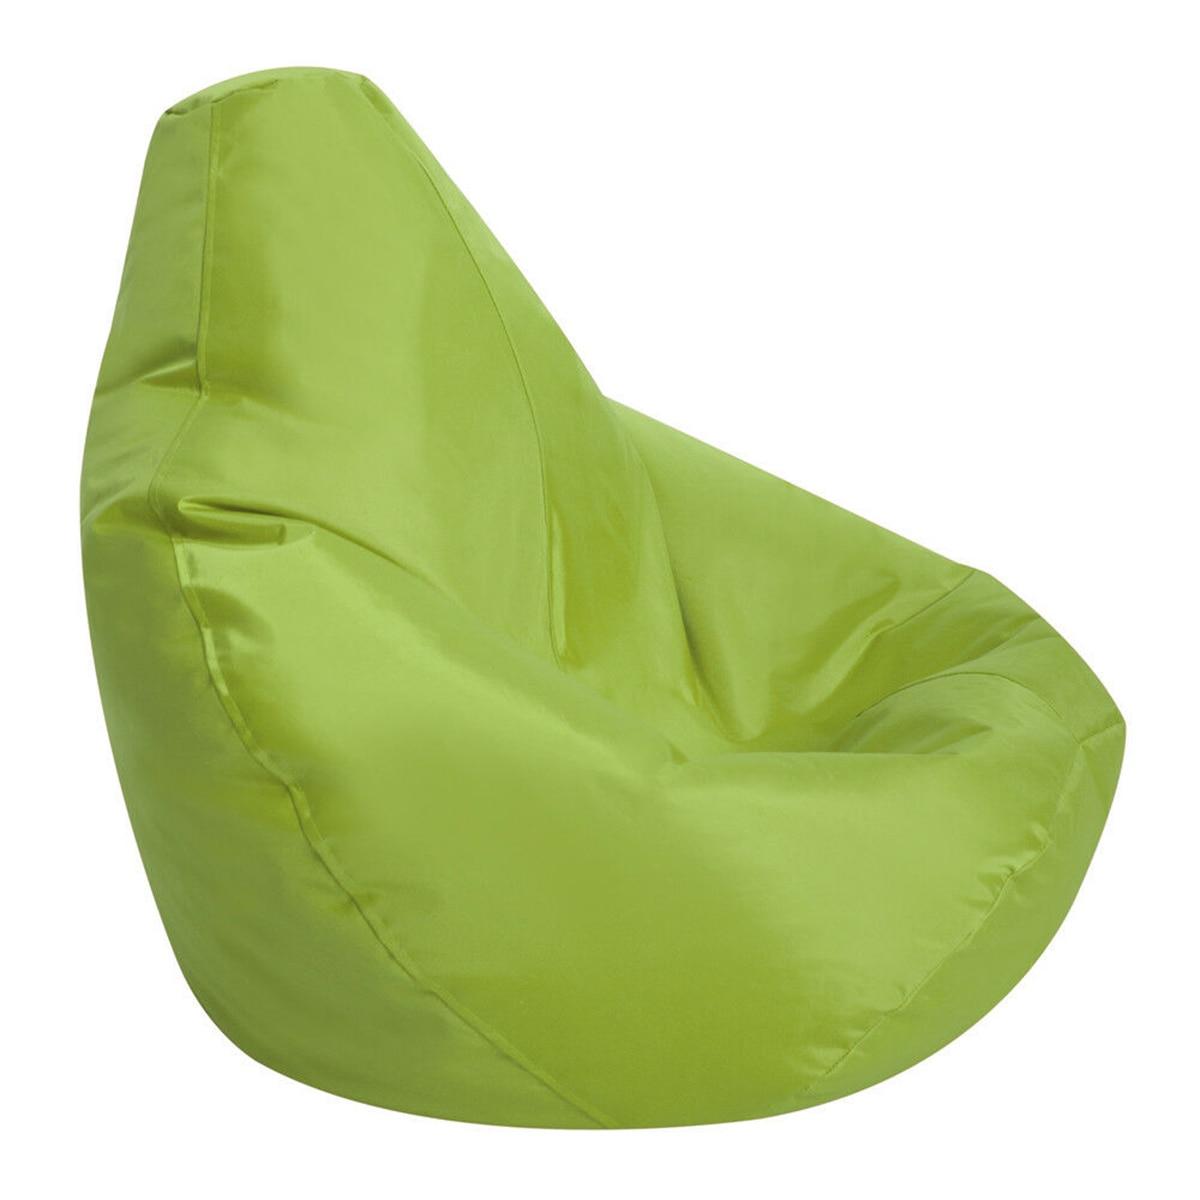 Новинка 2021, стильный домашний мягкий чехол для кресла, кресла для взрослых и детей, чехол для мебели, новая мода